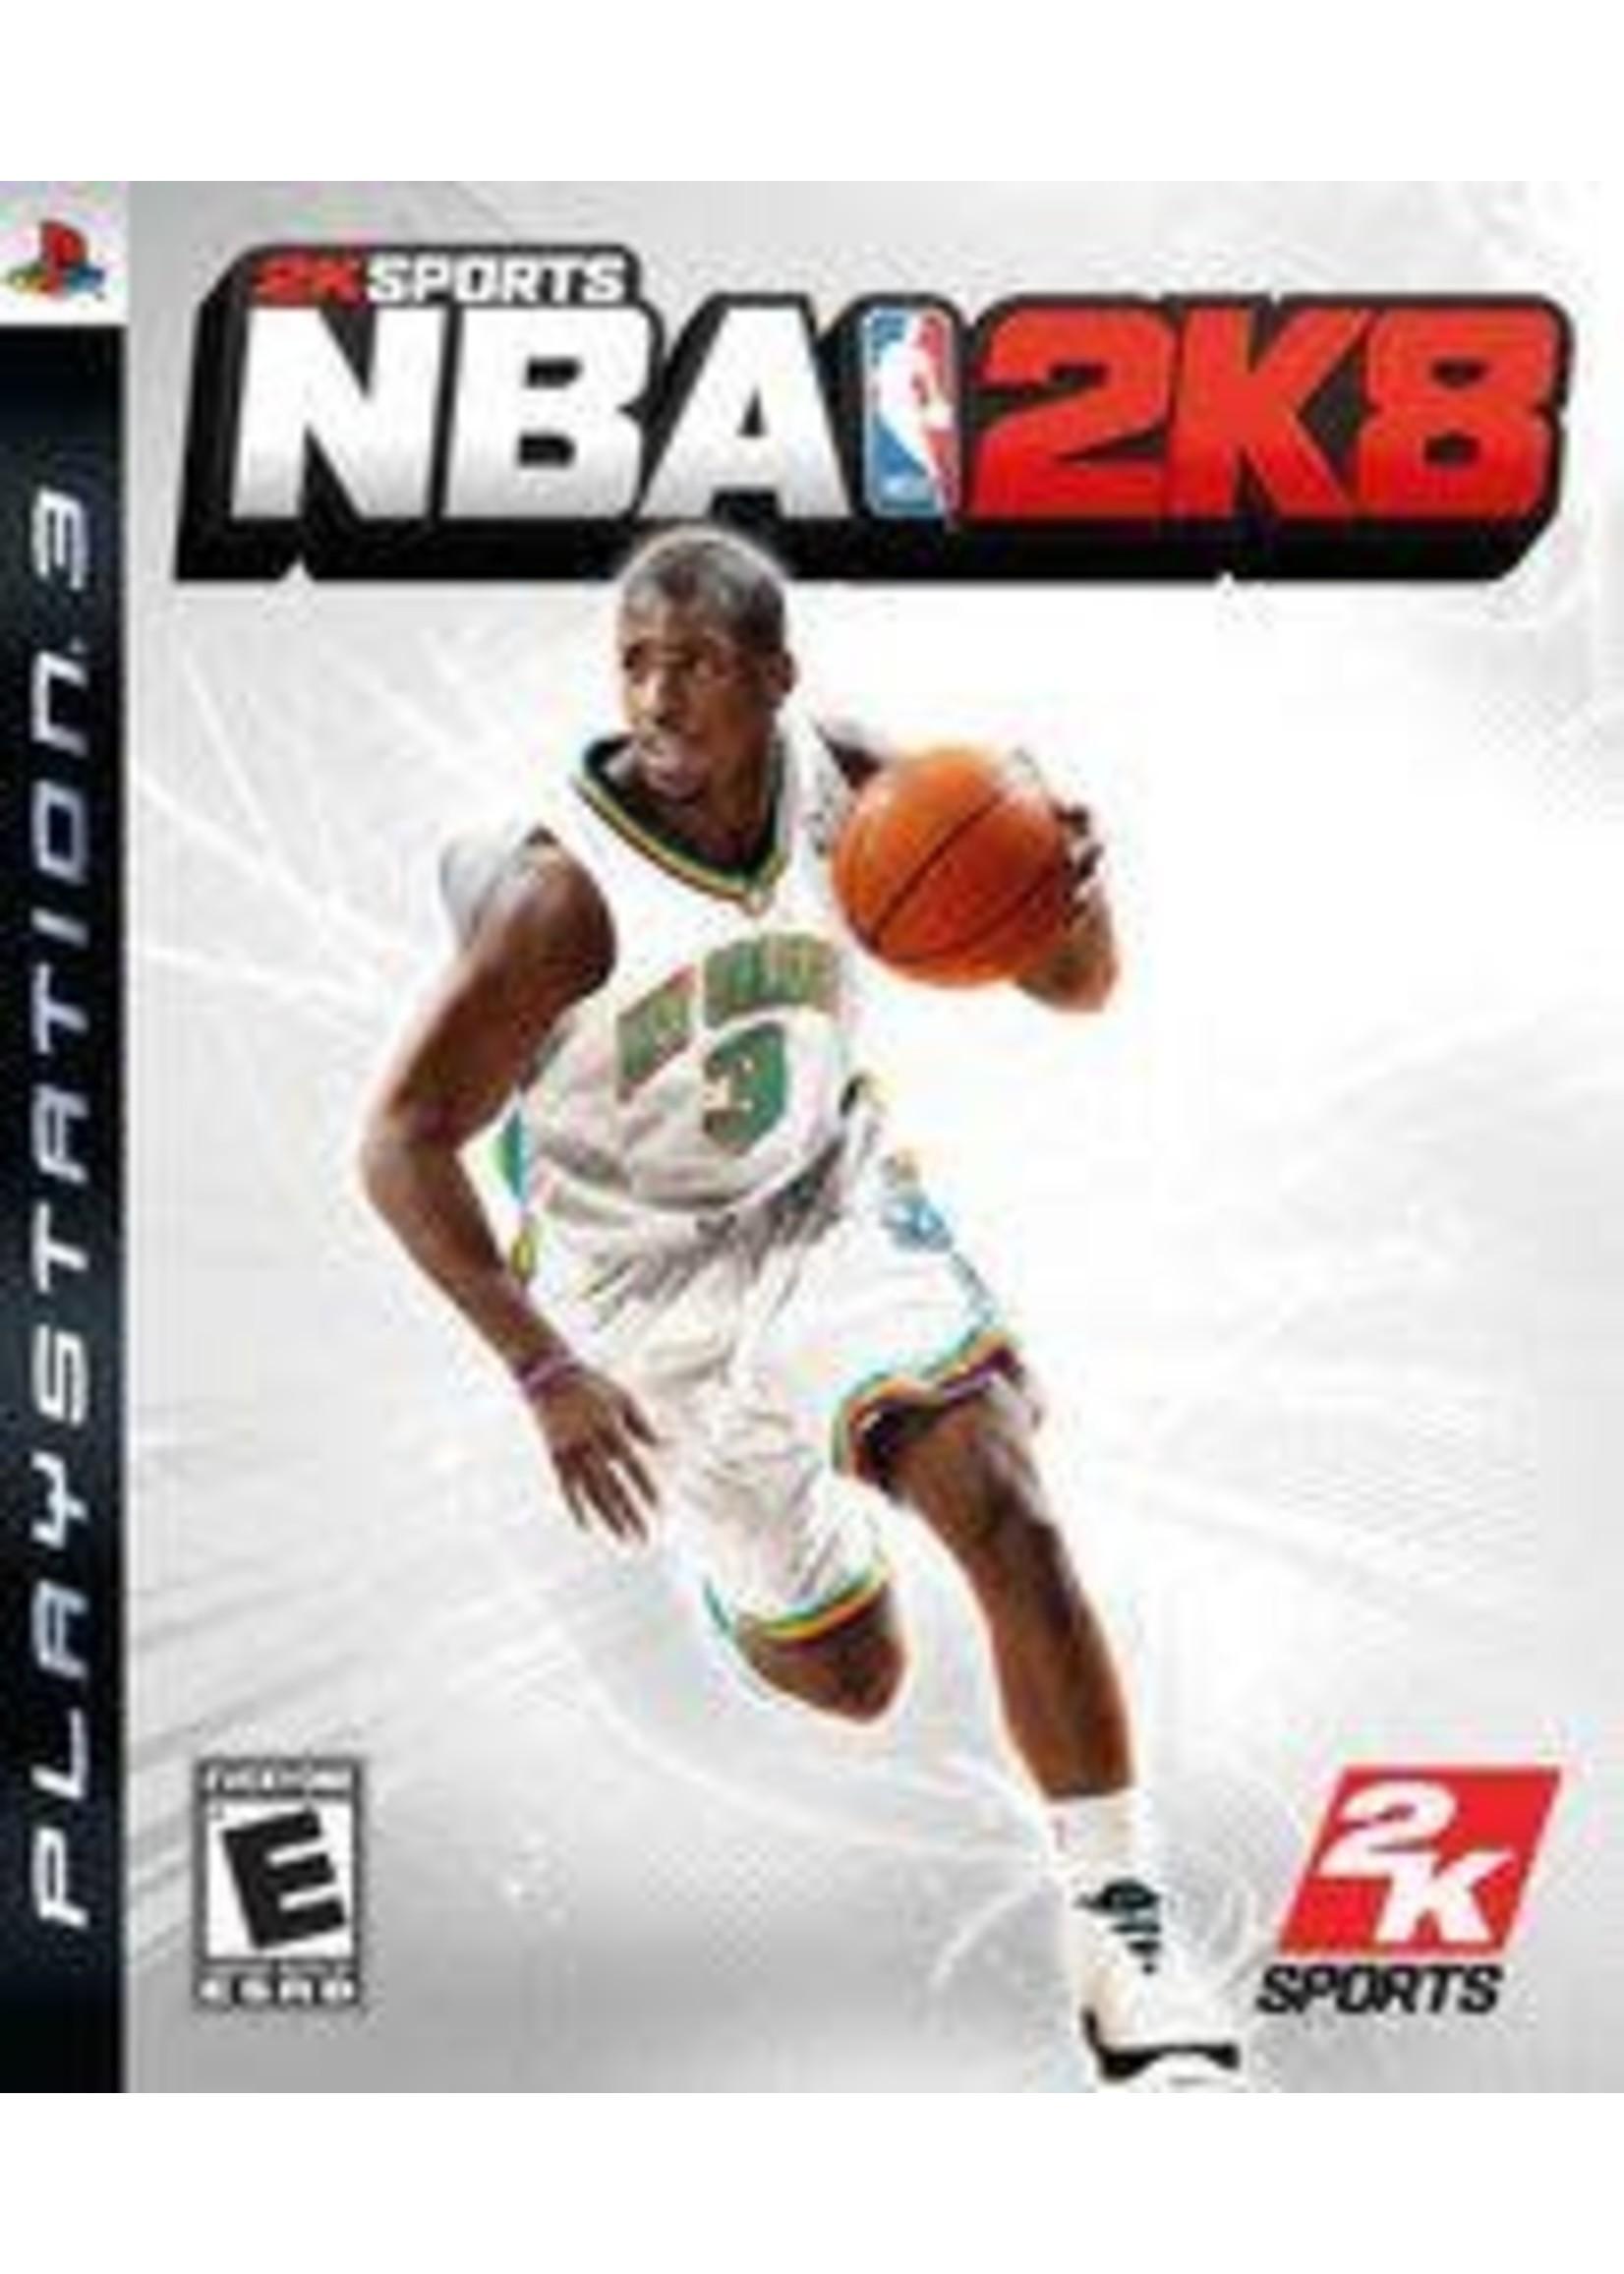 NBA 2K8 Playstation 3